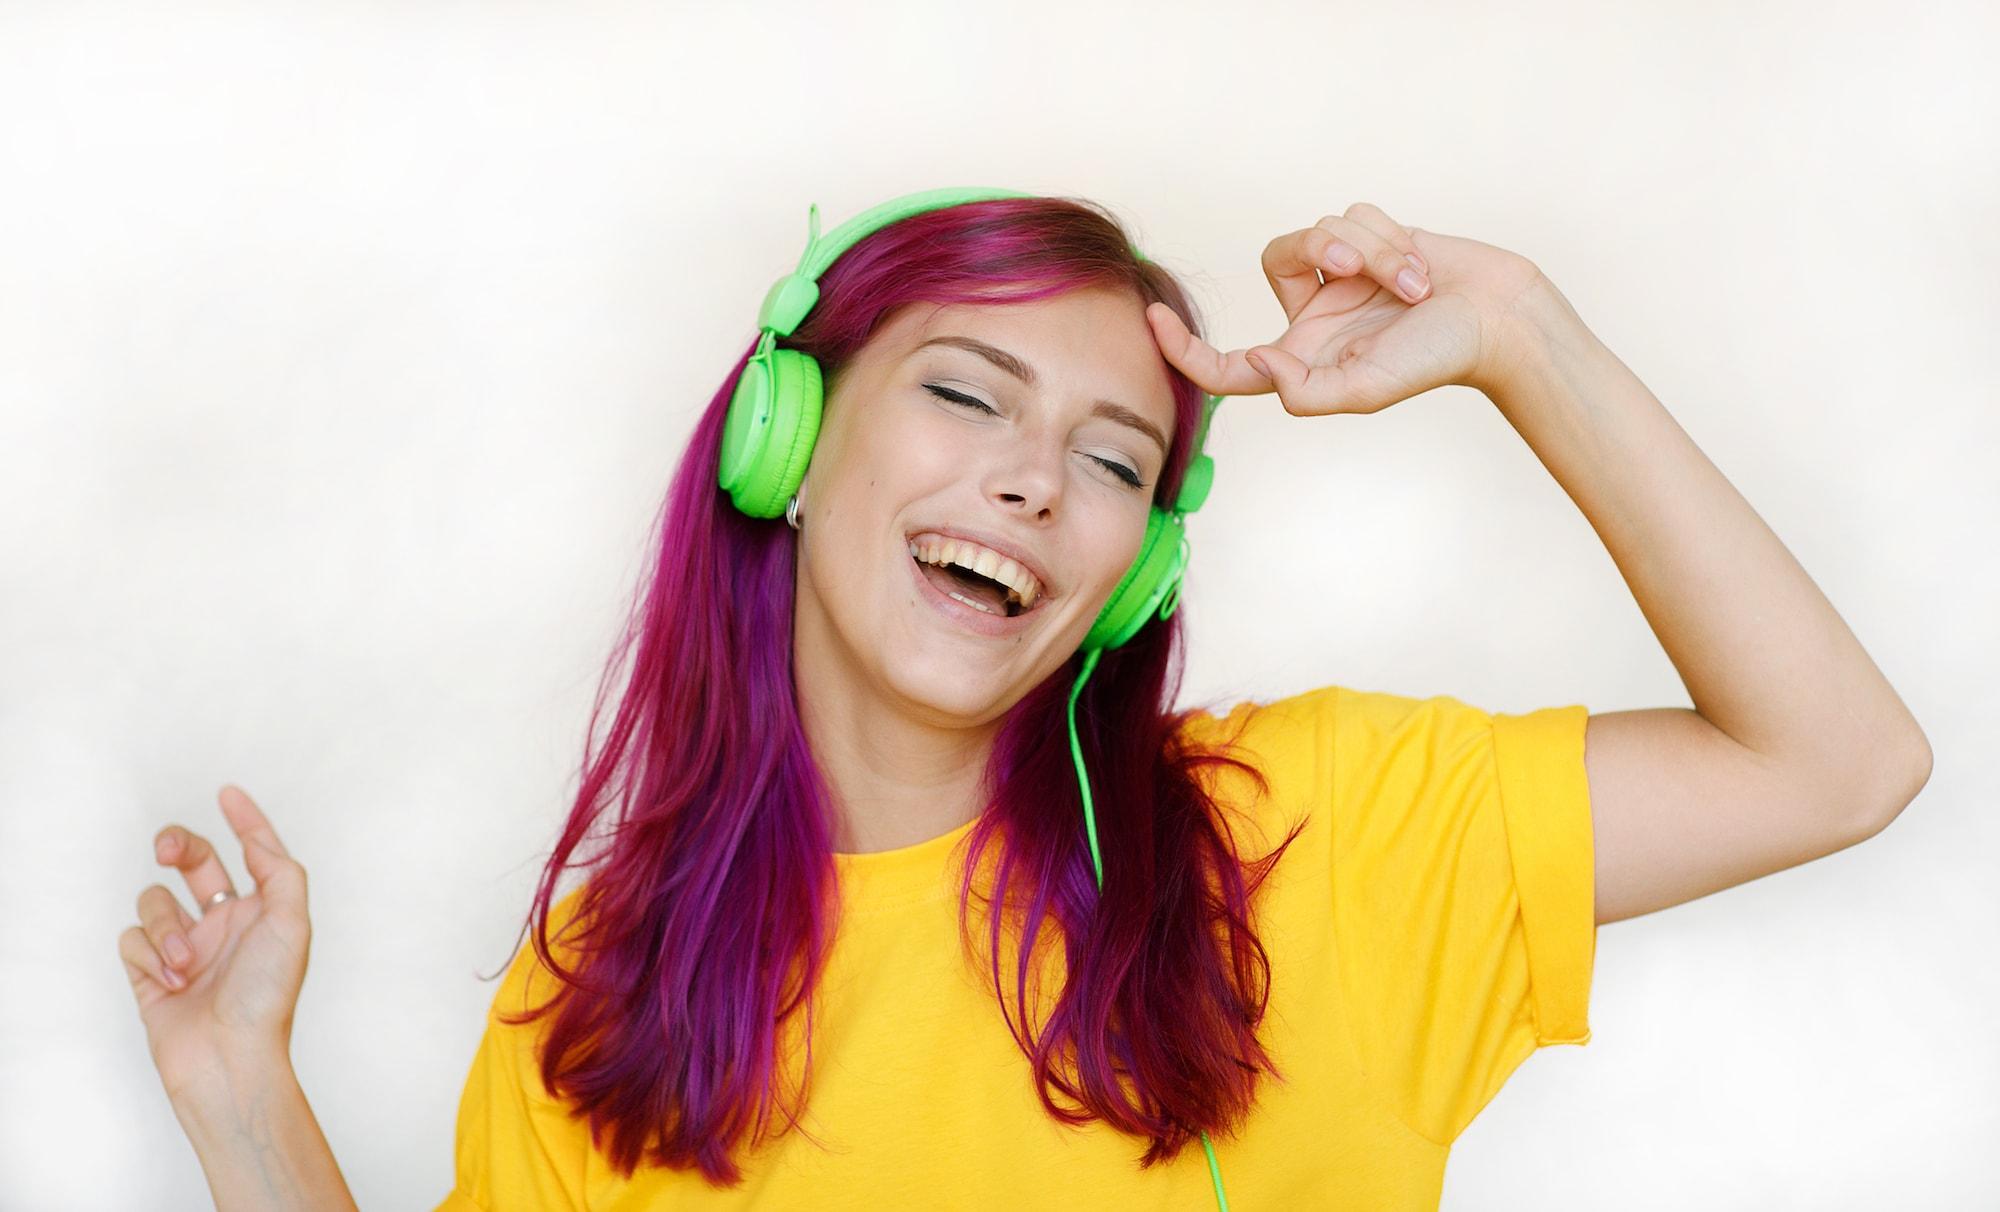 Warna rambut burgundy dengan sentuhan warna deep pink